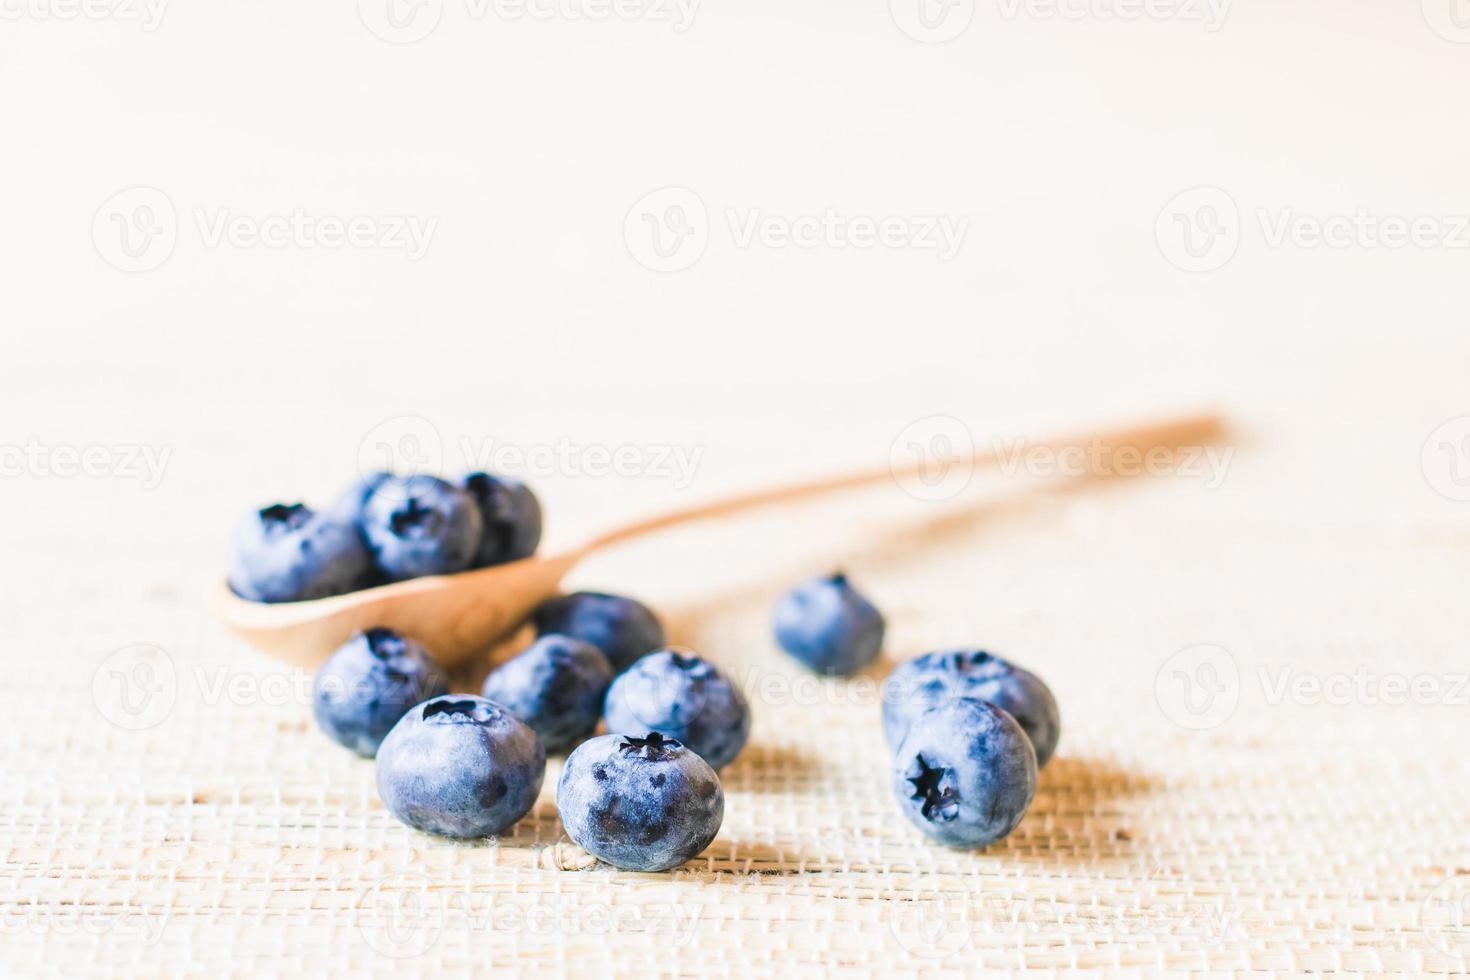 frische süße Heidelbeerfrucht. geringe Schärfentiefe foto